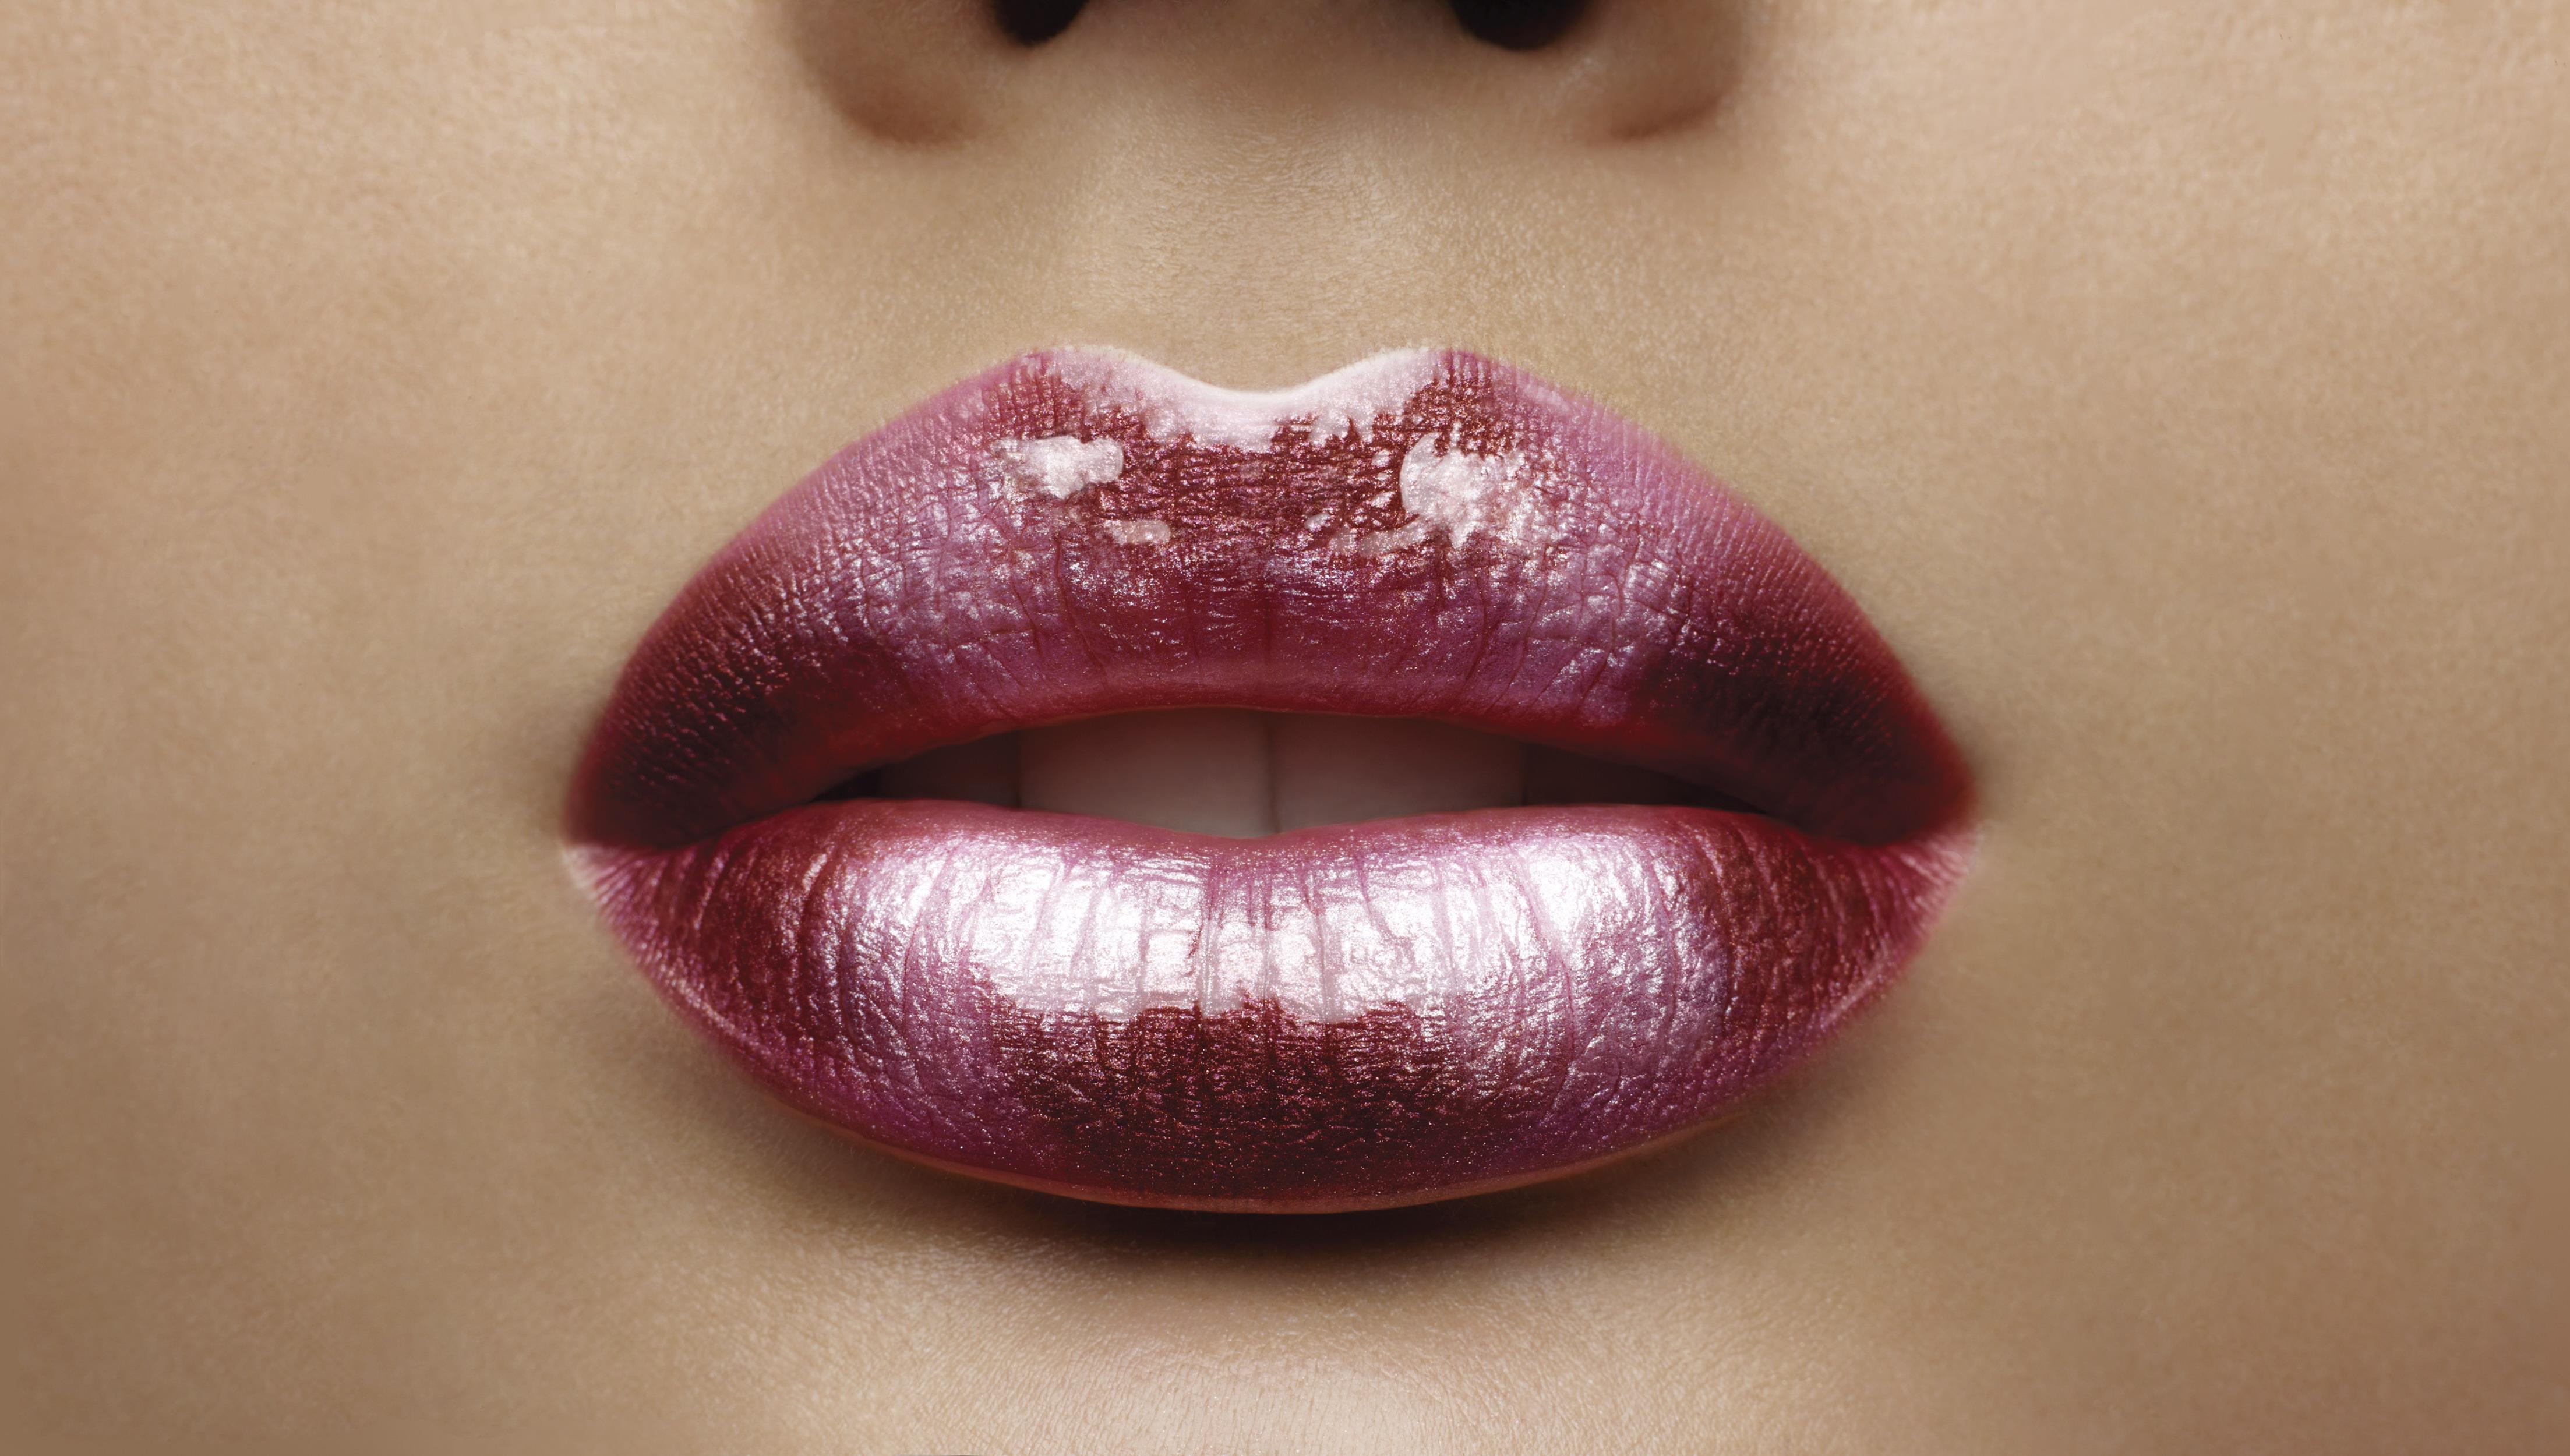 Самые сексуальные губы фото 12 фотография